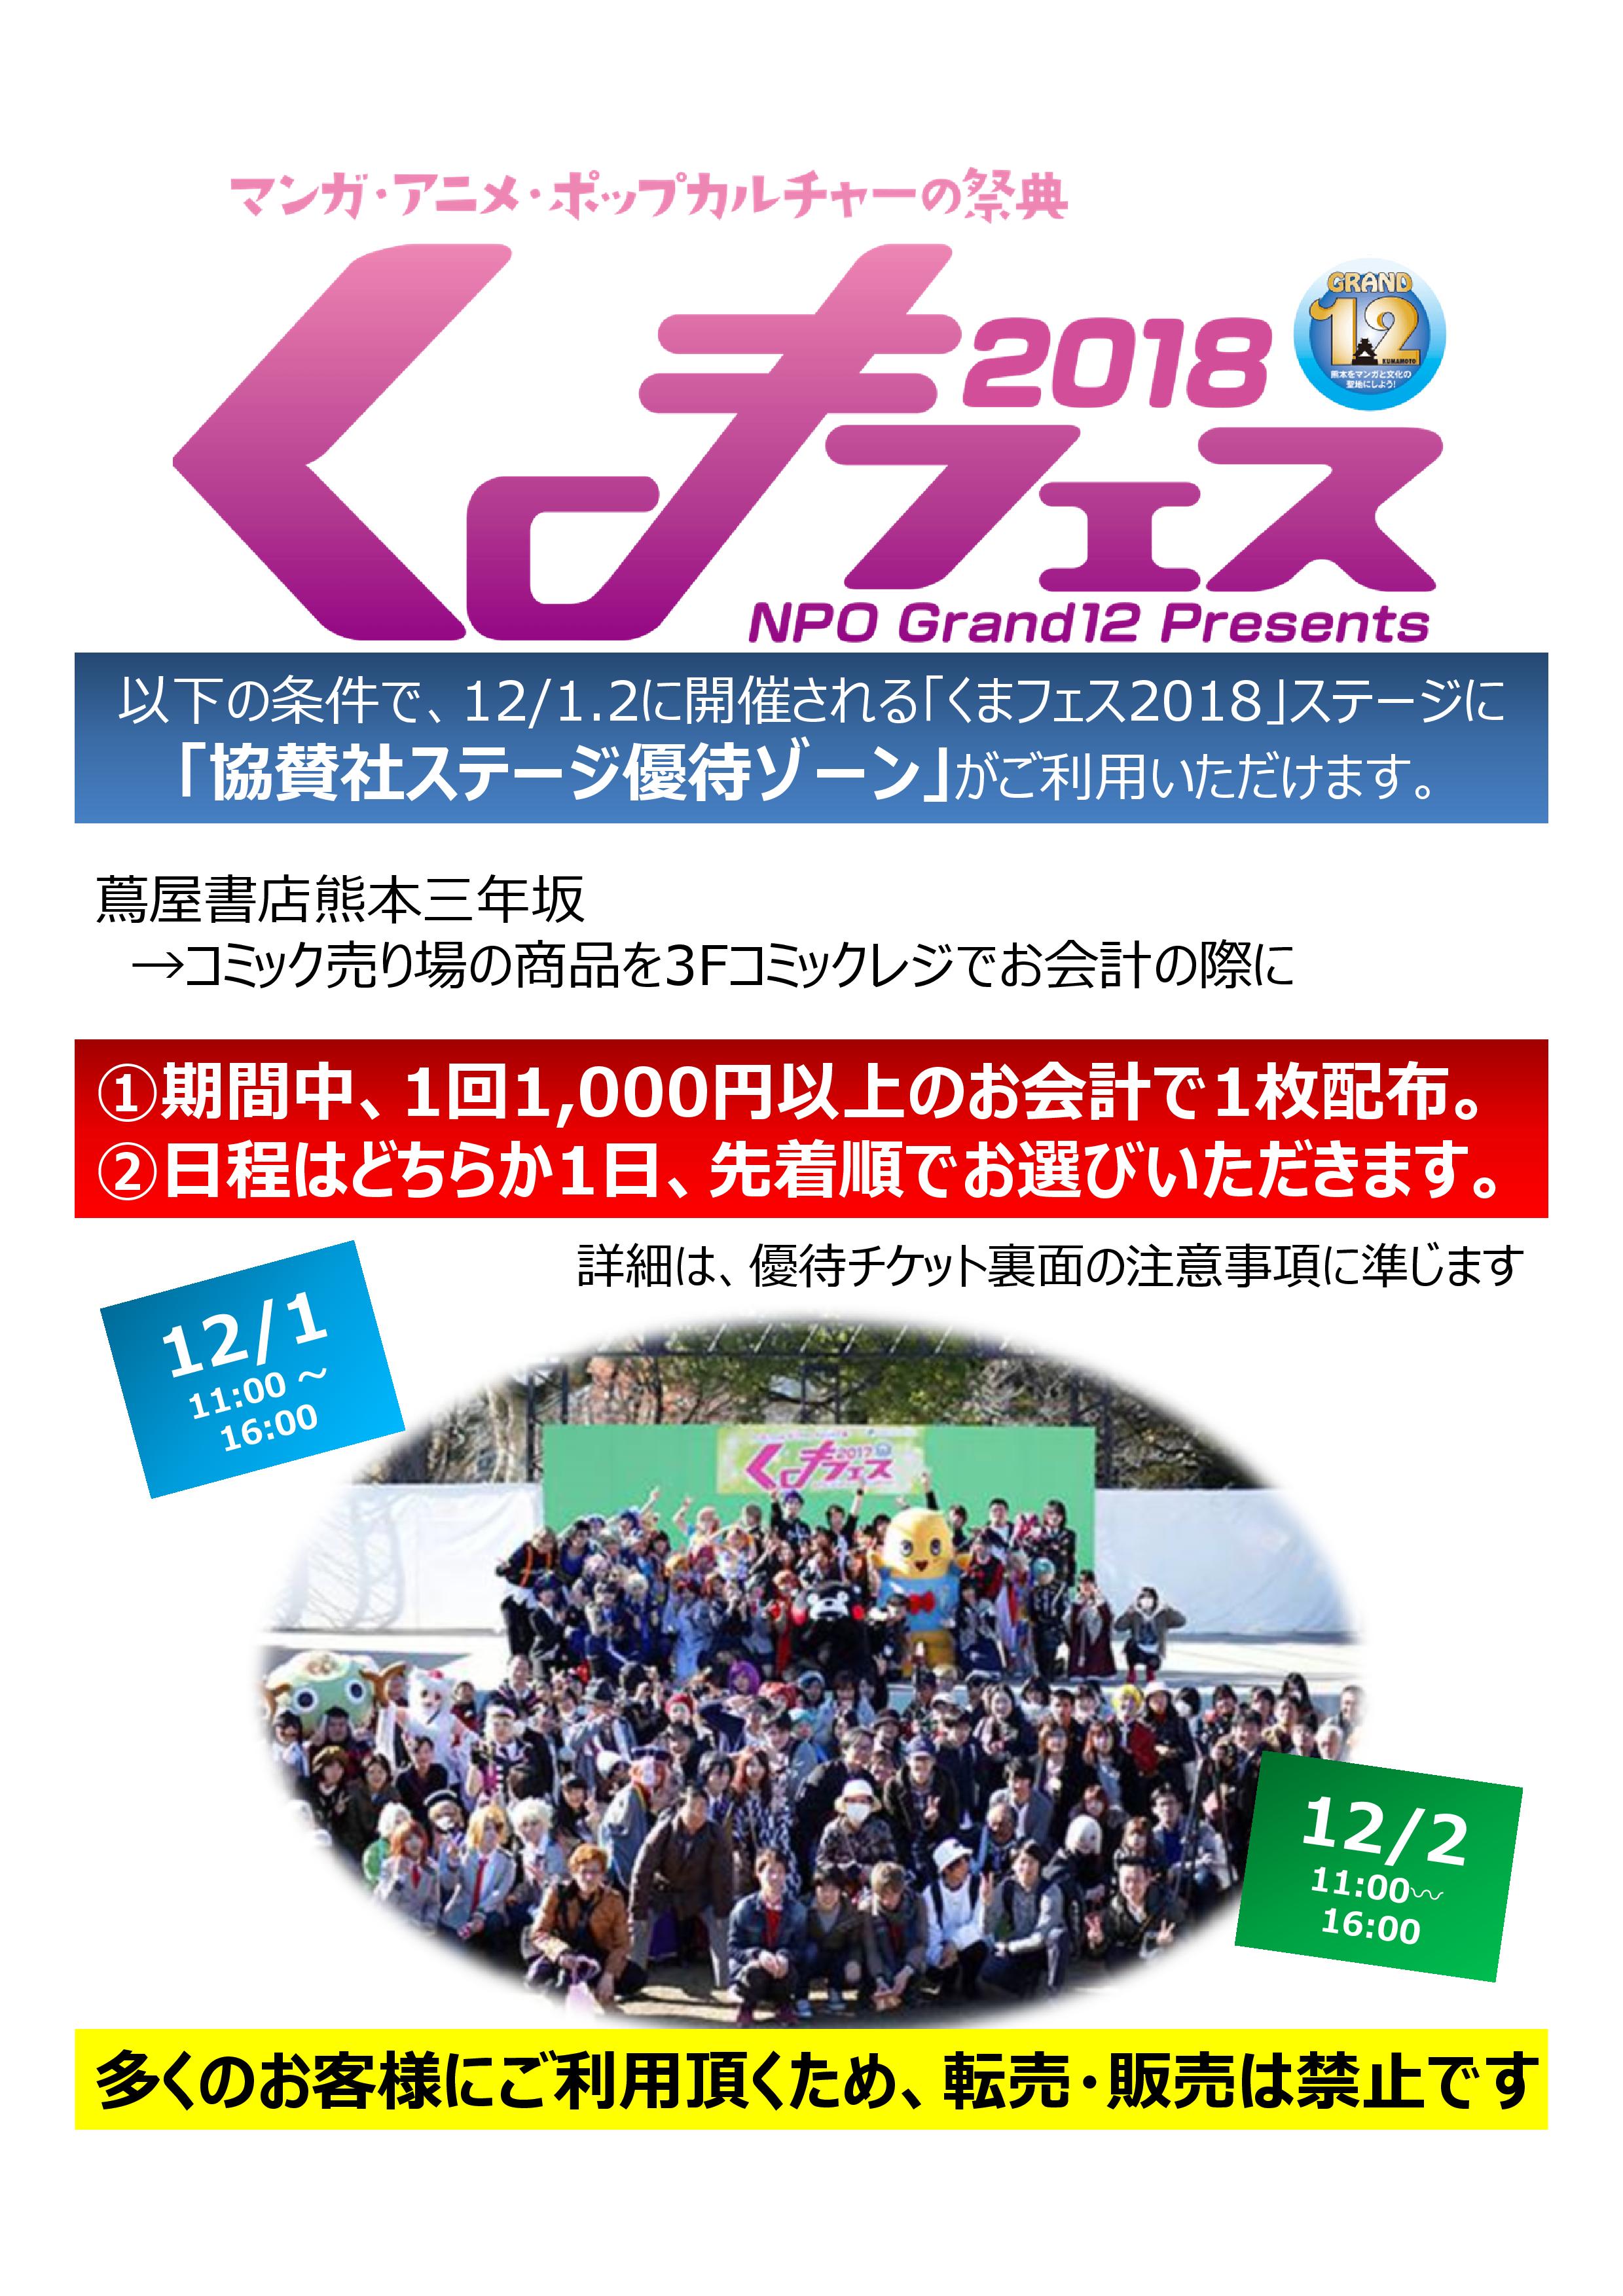 くまフェス2018_優待券配布POP